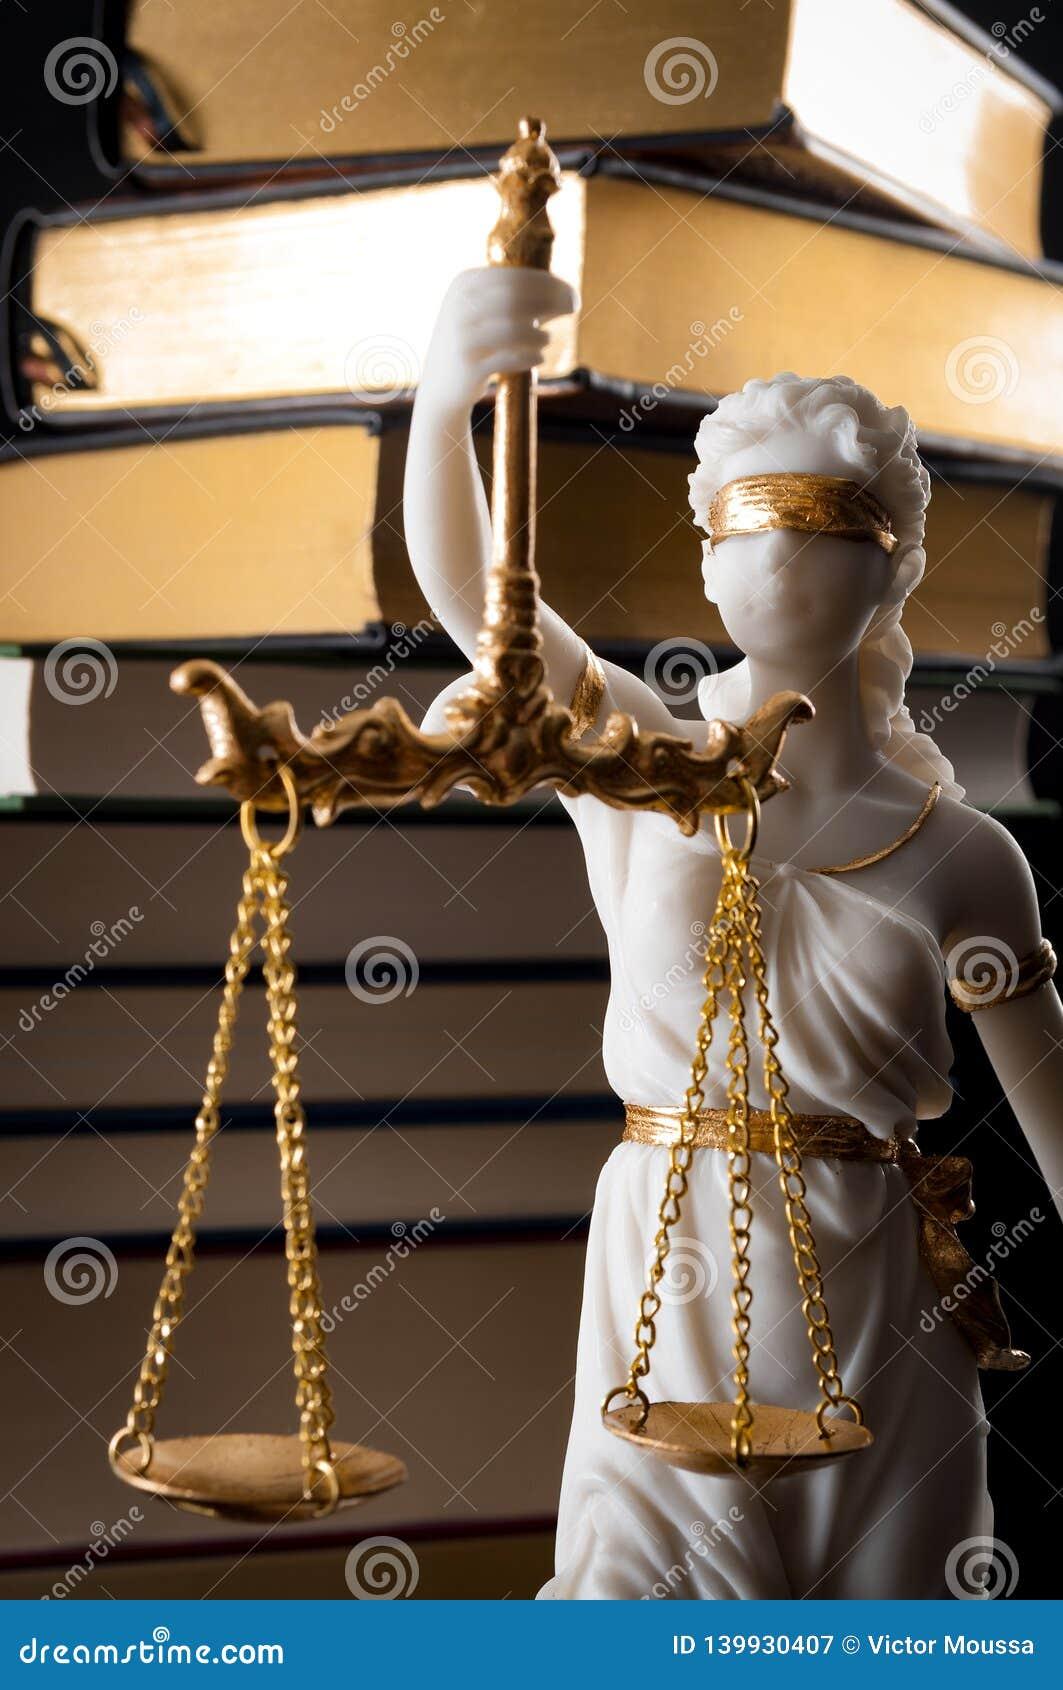 Legalny kod, egzekwowanie prawo i story Iustitia pojęcie z statuą z zasłoniętymi oczami damy sprawiedliwości dajk w grku, i